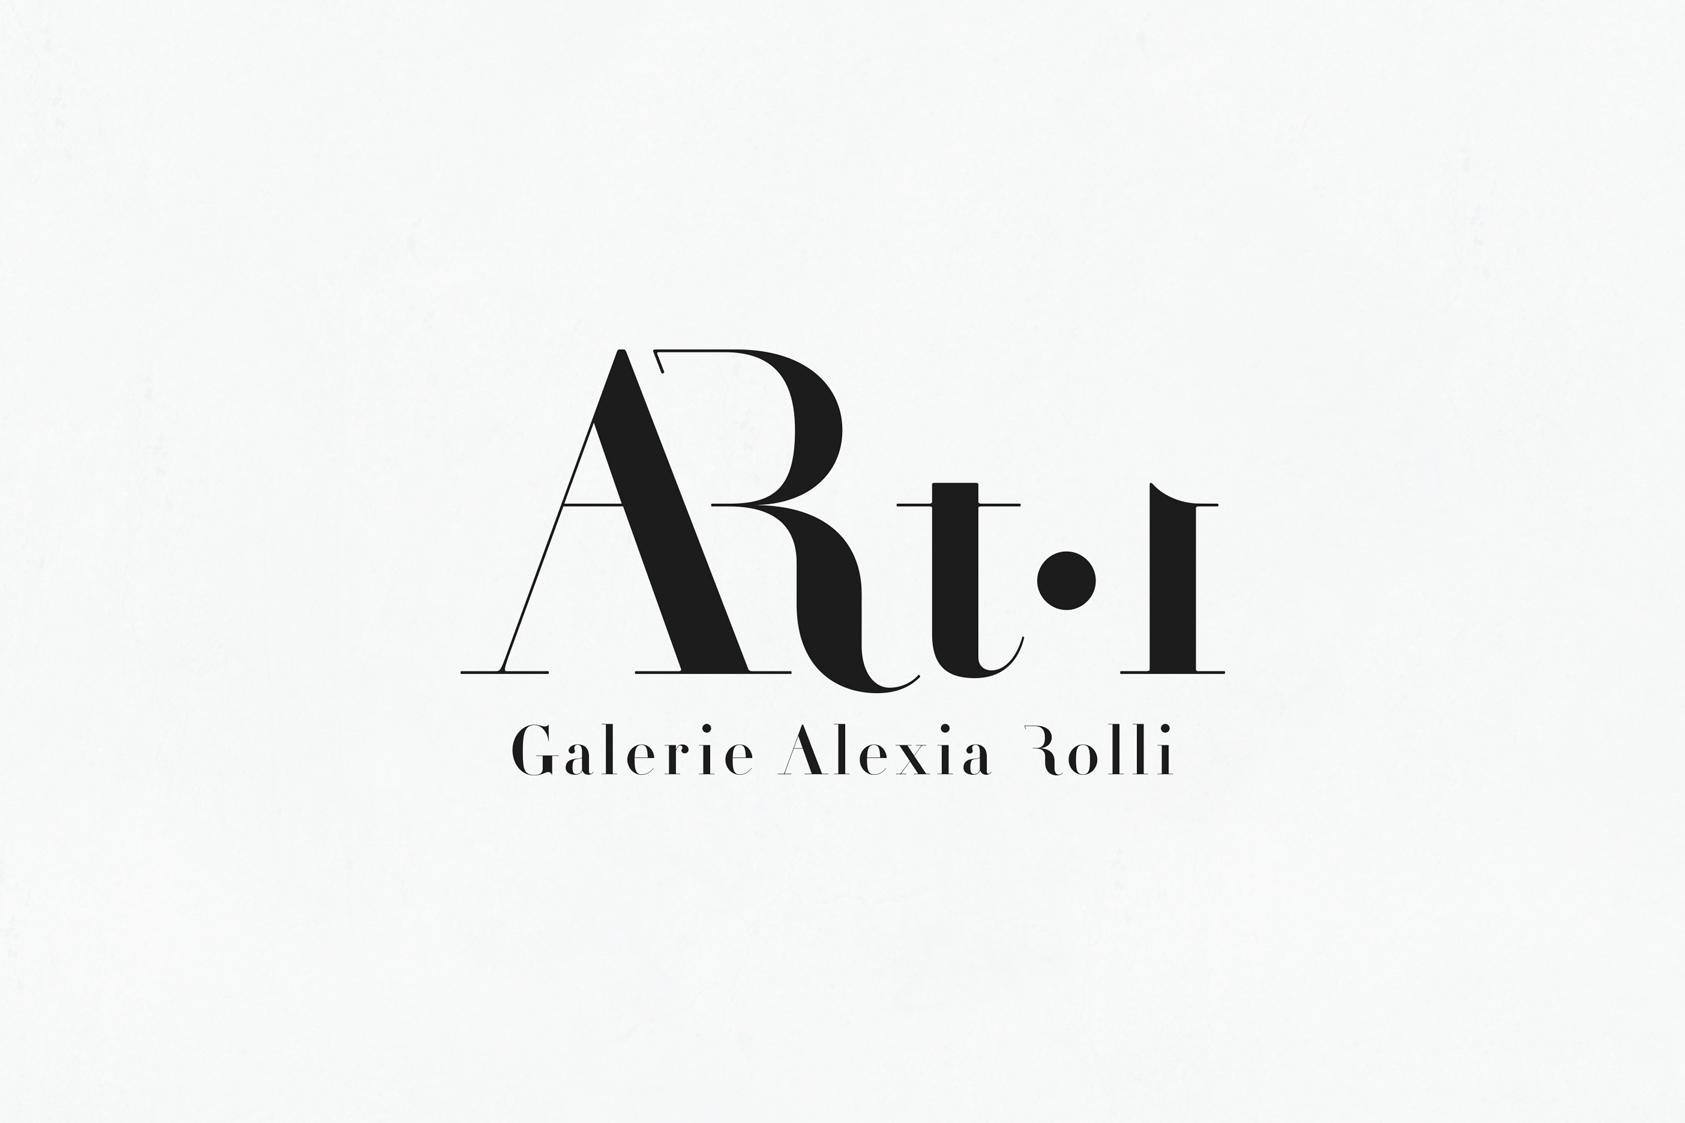 ARTI GALERIE ALEXIA ROLLI